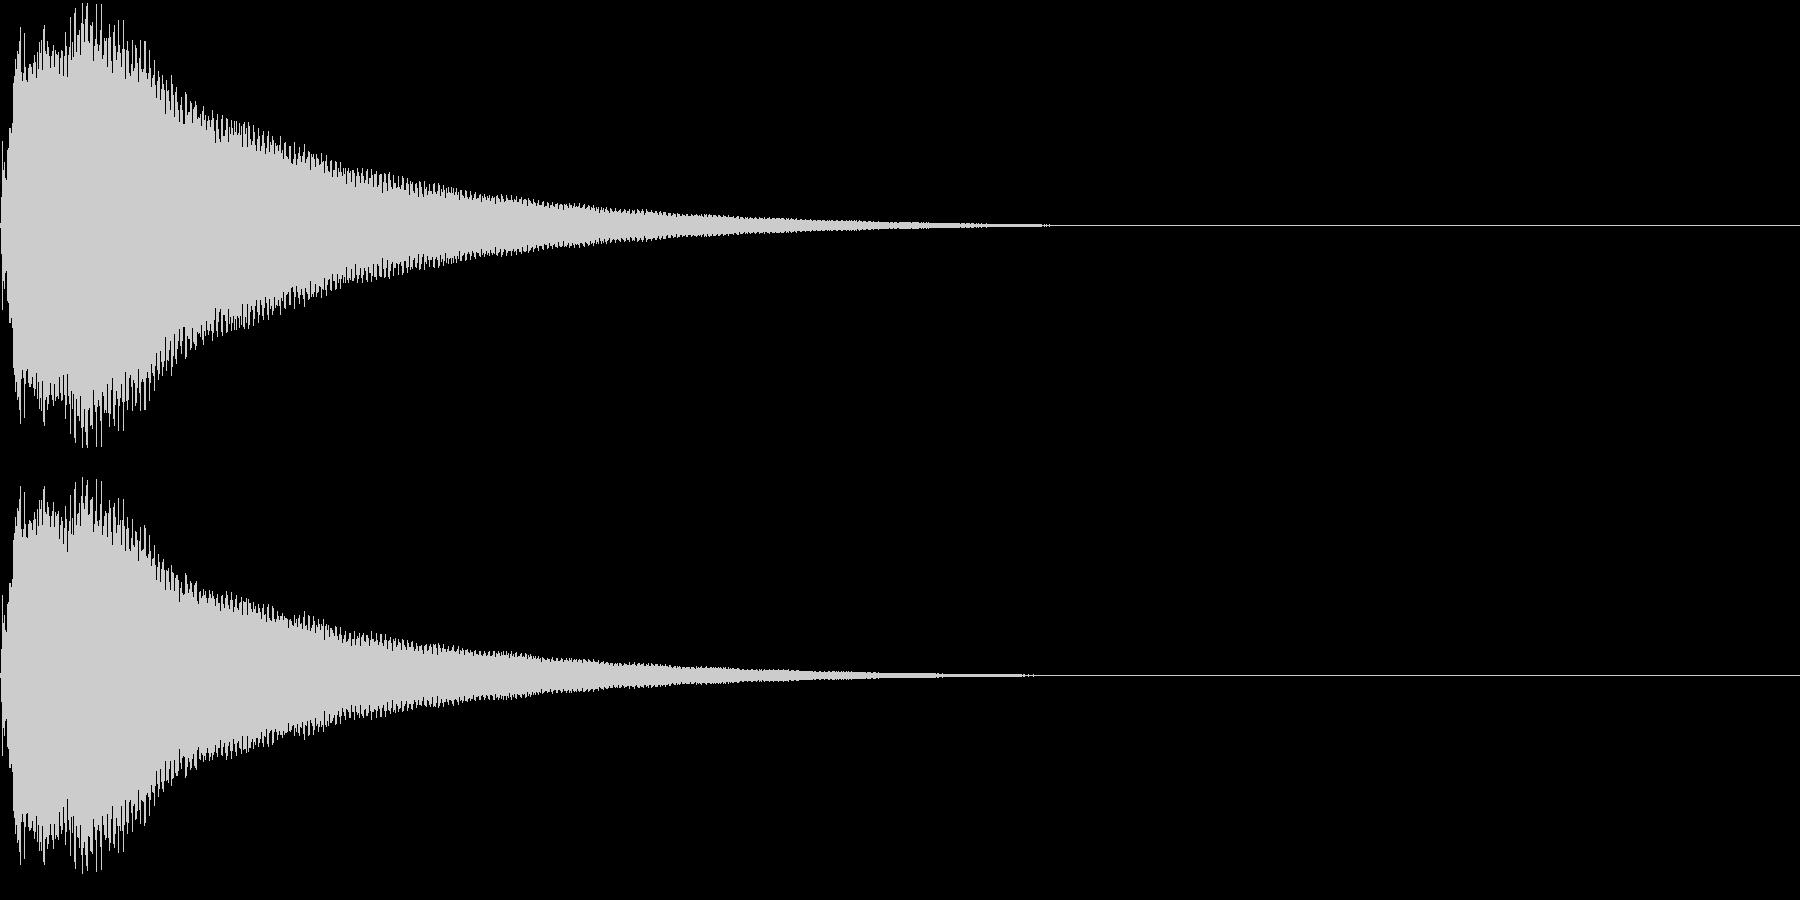 カーン プロレスゴングの音の未再生の波形